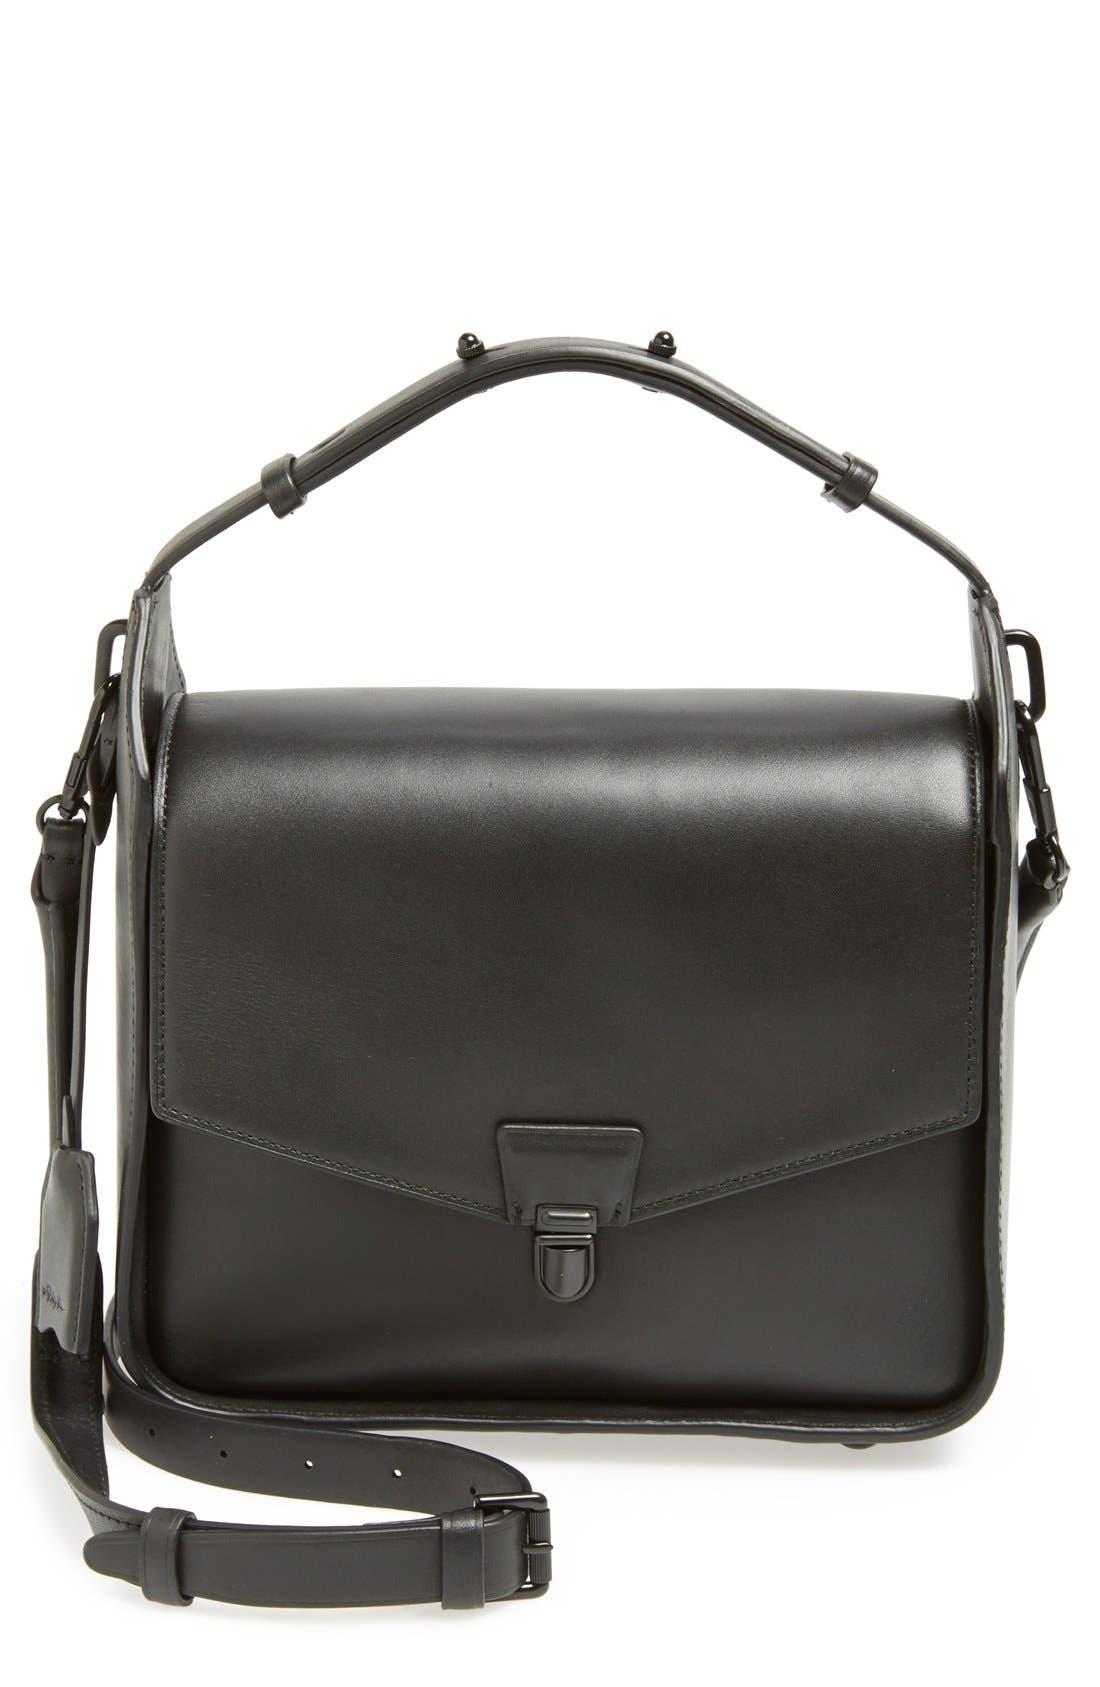 Alternate Image 1 Selected - 3.1 Phillip Lim 'Wednesday' Leather Shoulder Bag